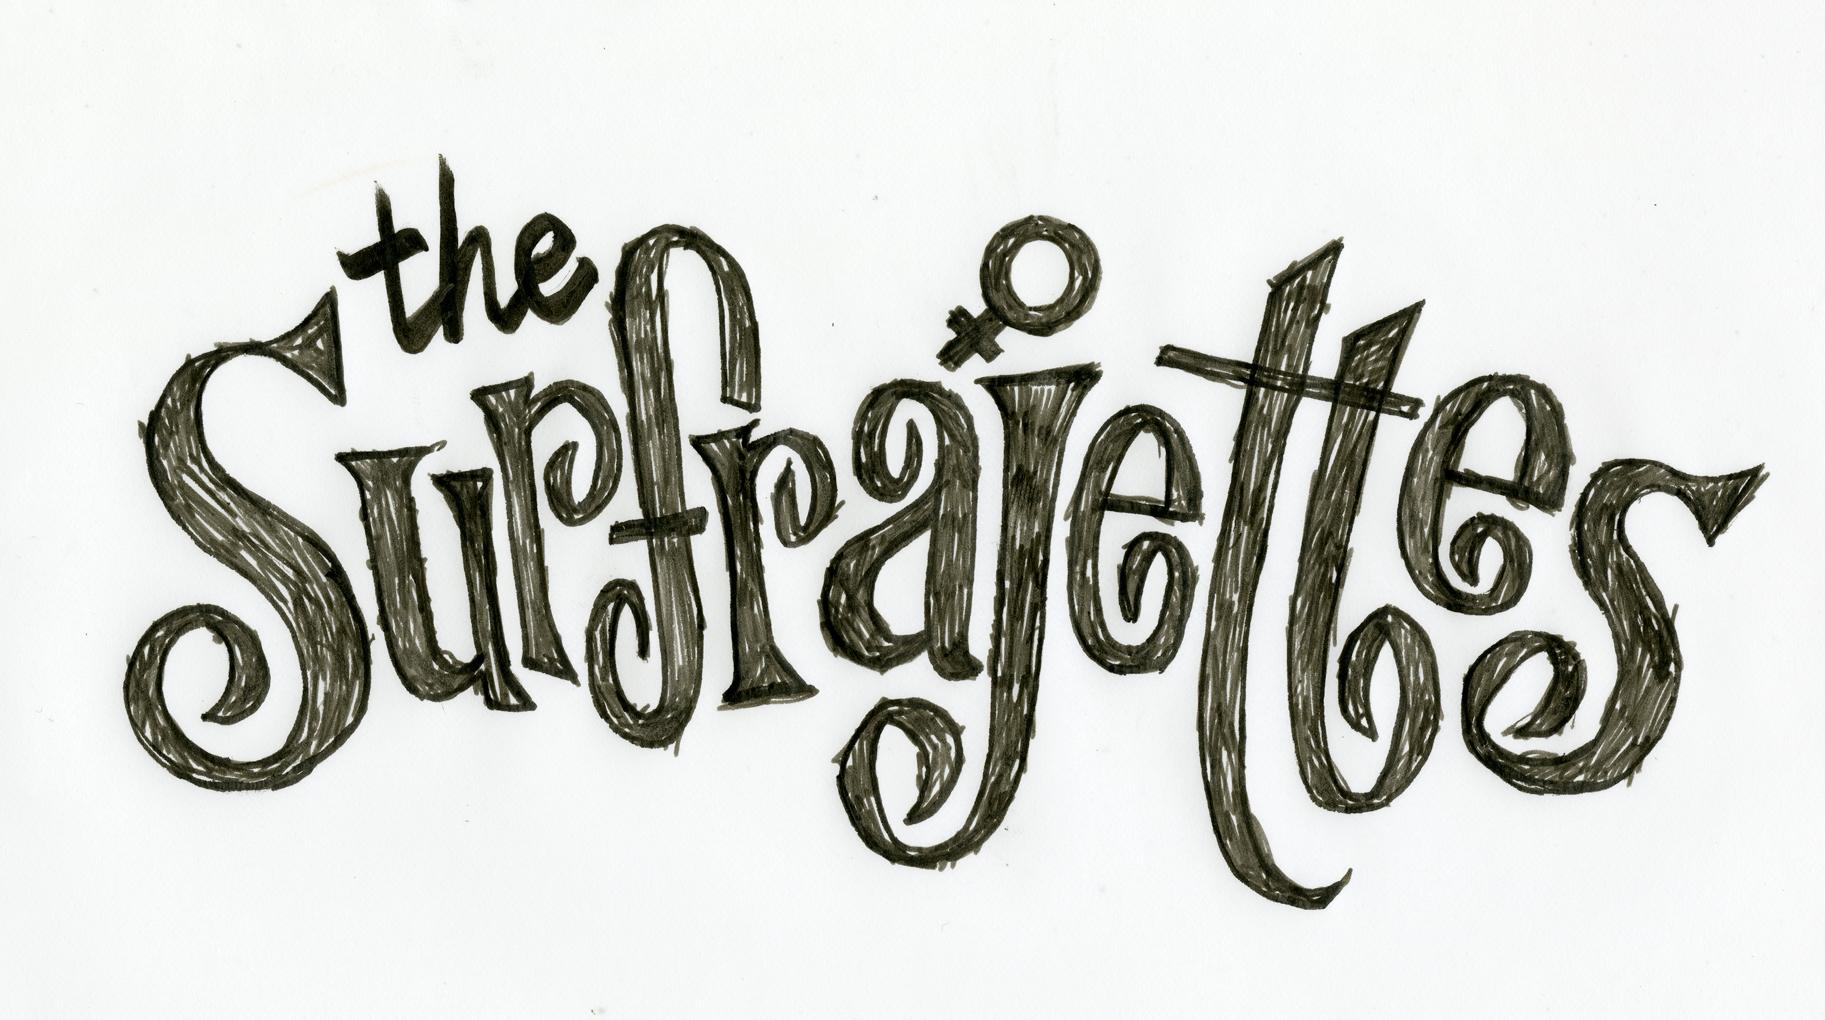 Hand-lettered Surfrajettes logo version 1